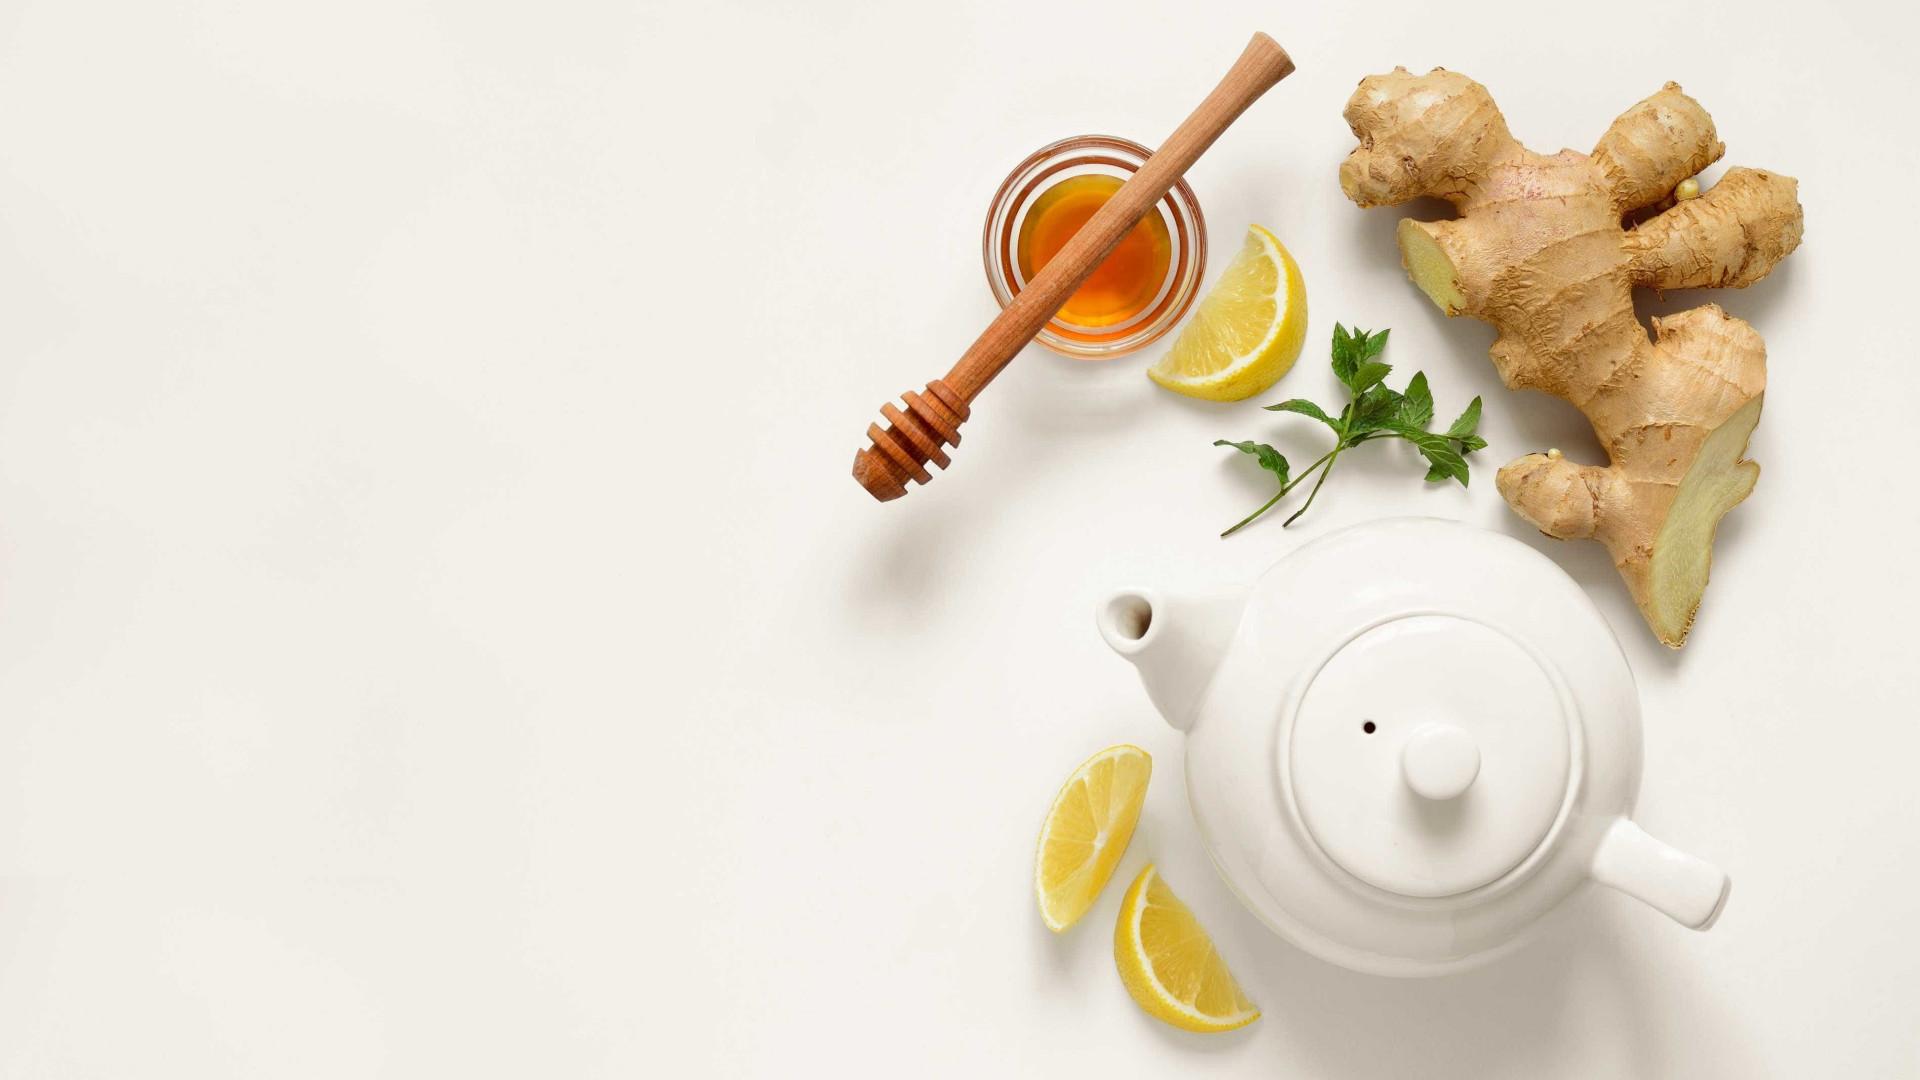 Chá de gengibre é aliado da saúde; veja como preparar corretamente